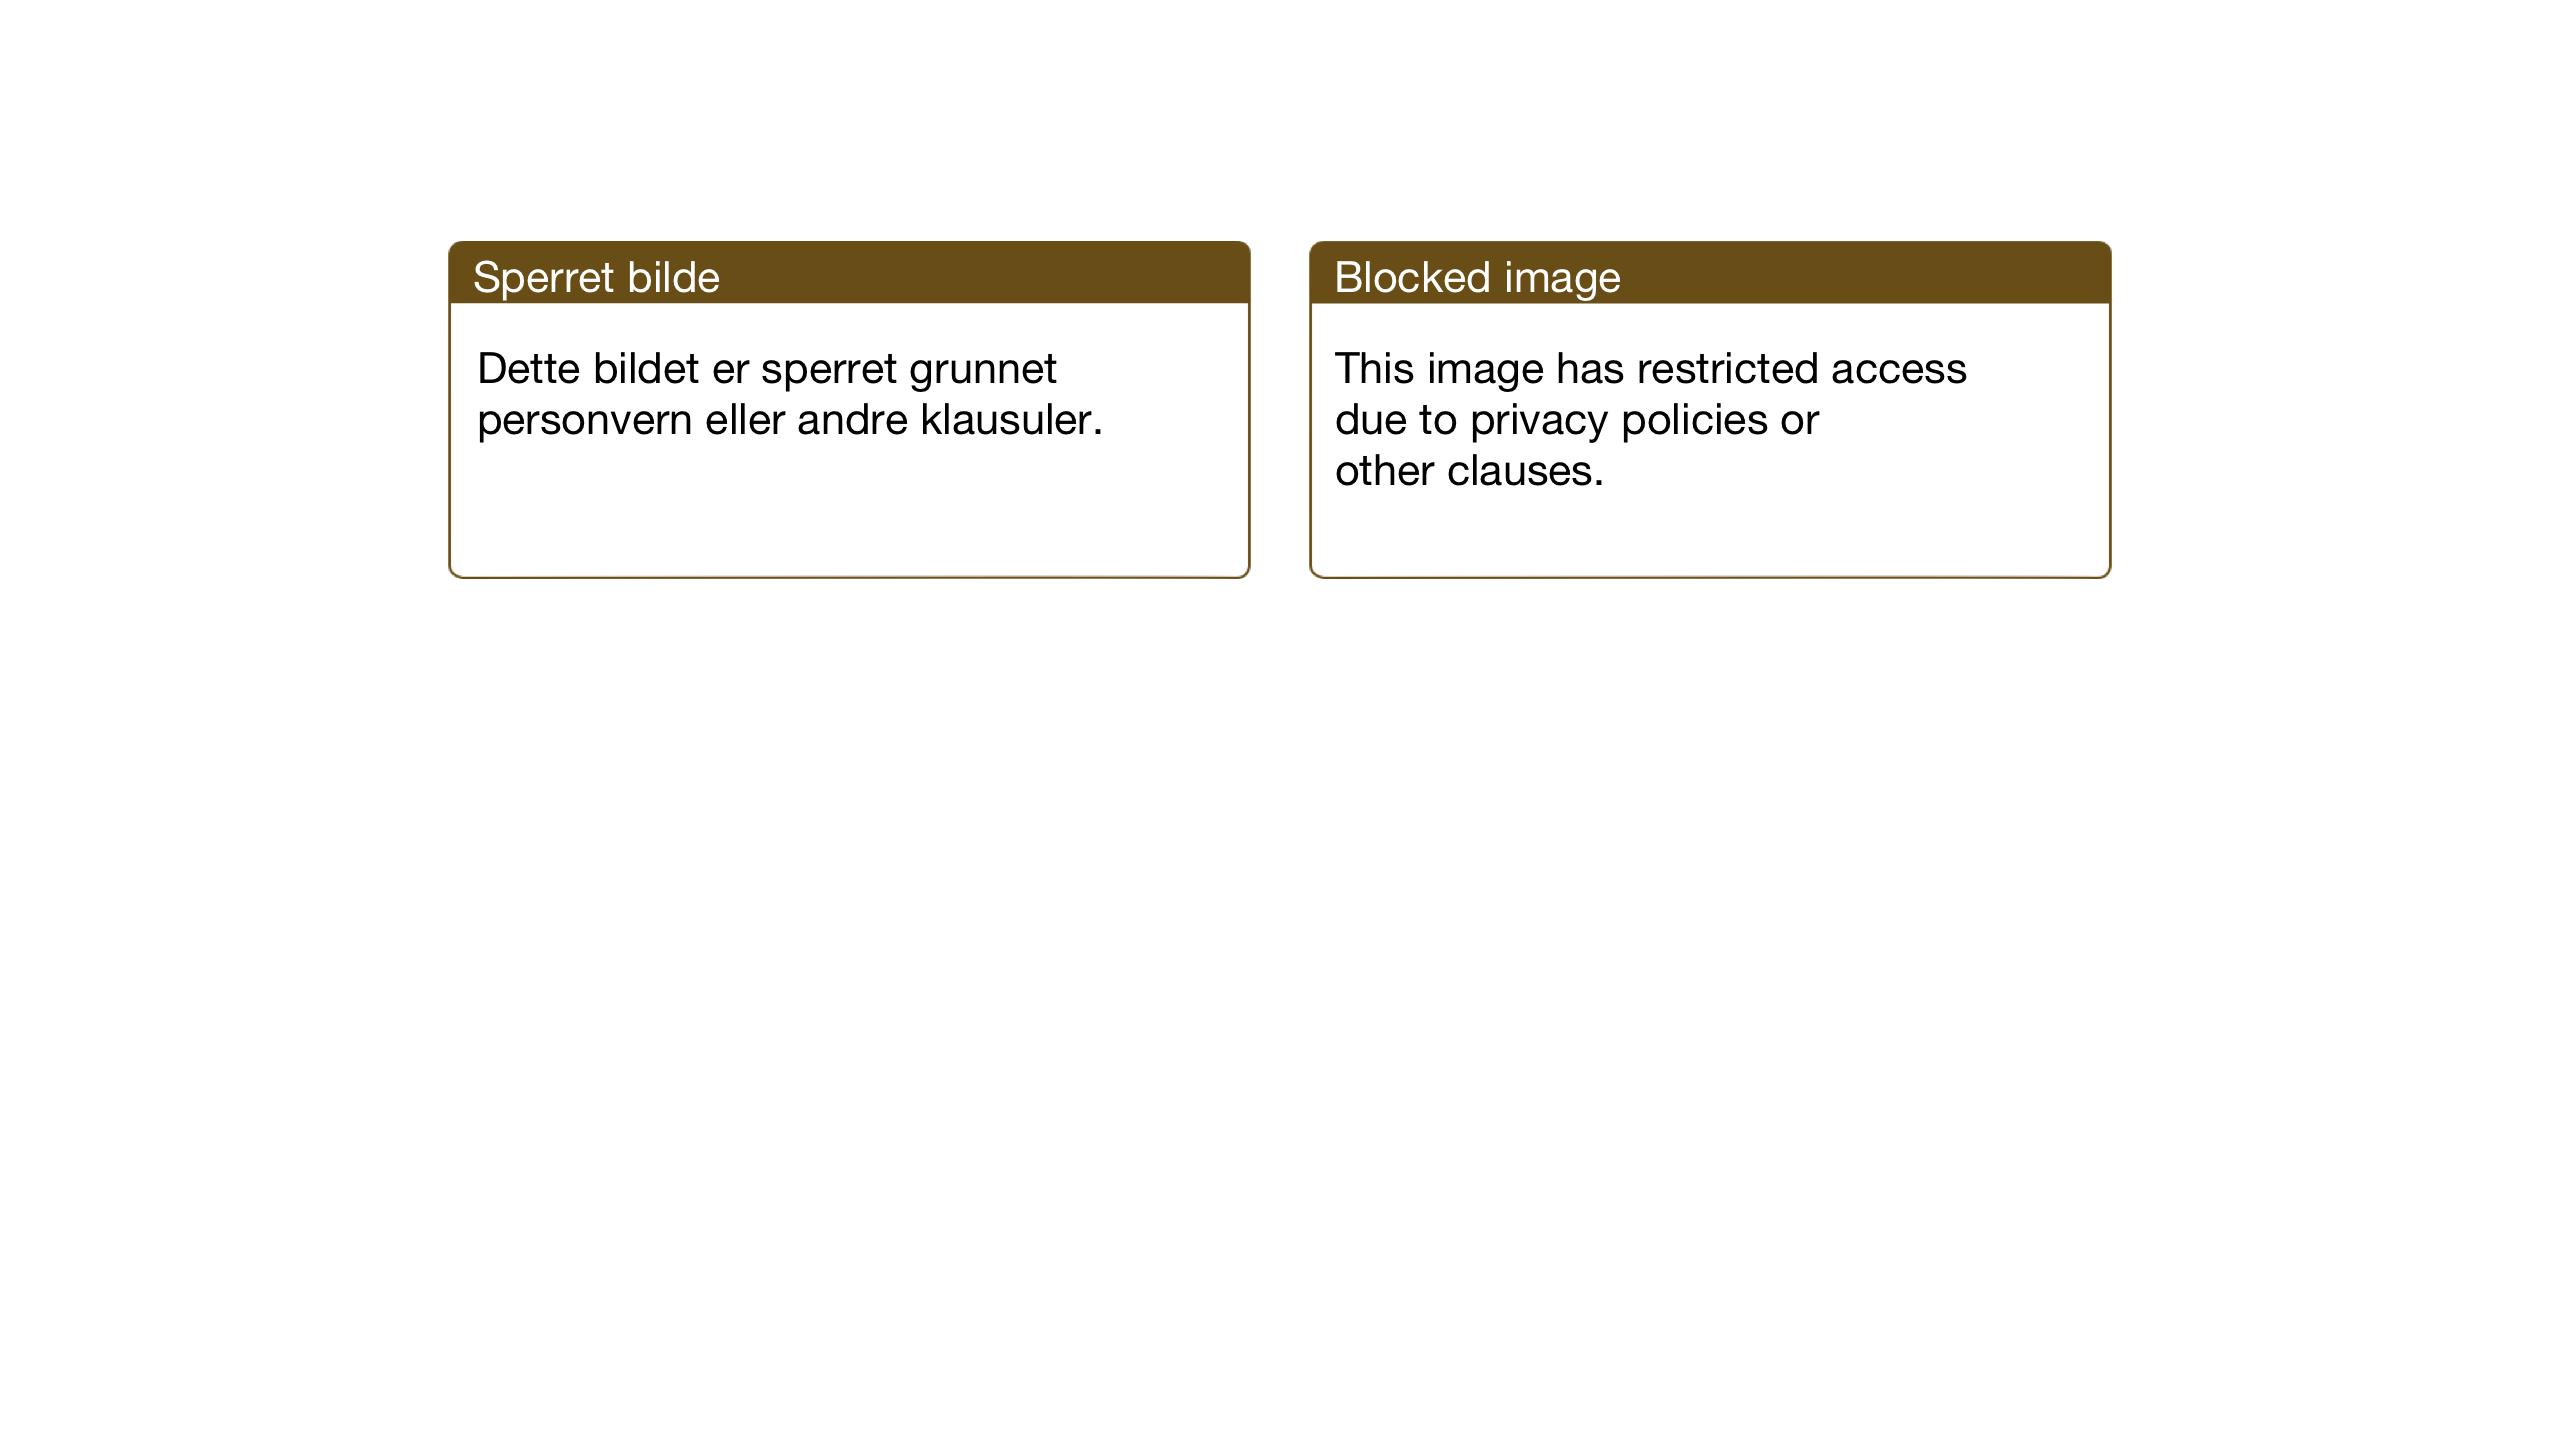 SAT, Ministerialprotokoller, klokkerbøker og fødselsregistre - Sør-Trøndelag, 674/L0878: Klokkerbok nr. 674C05, 1941-1950, s. 80